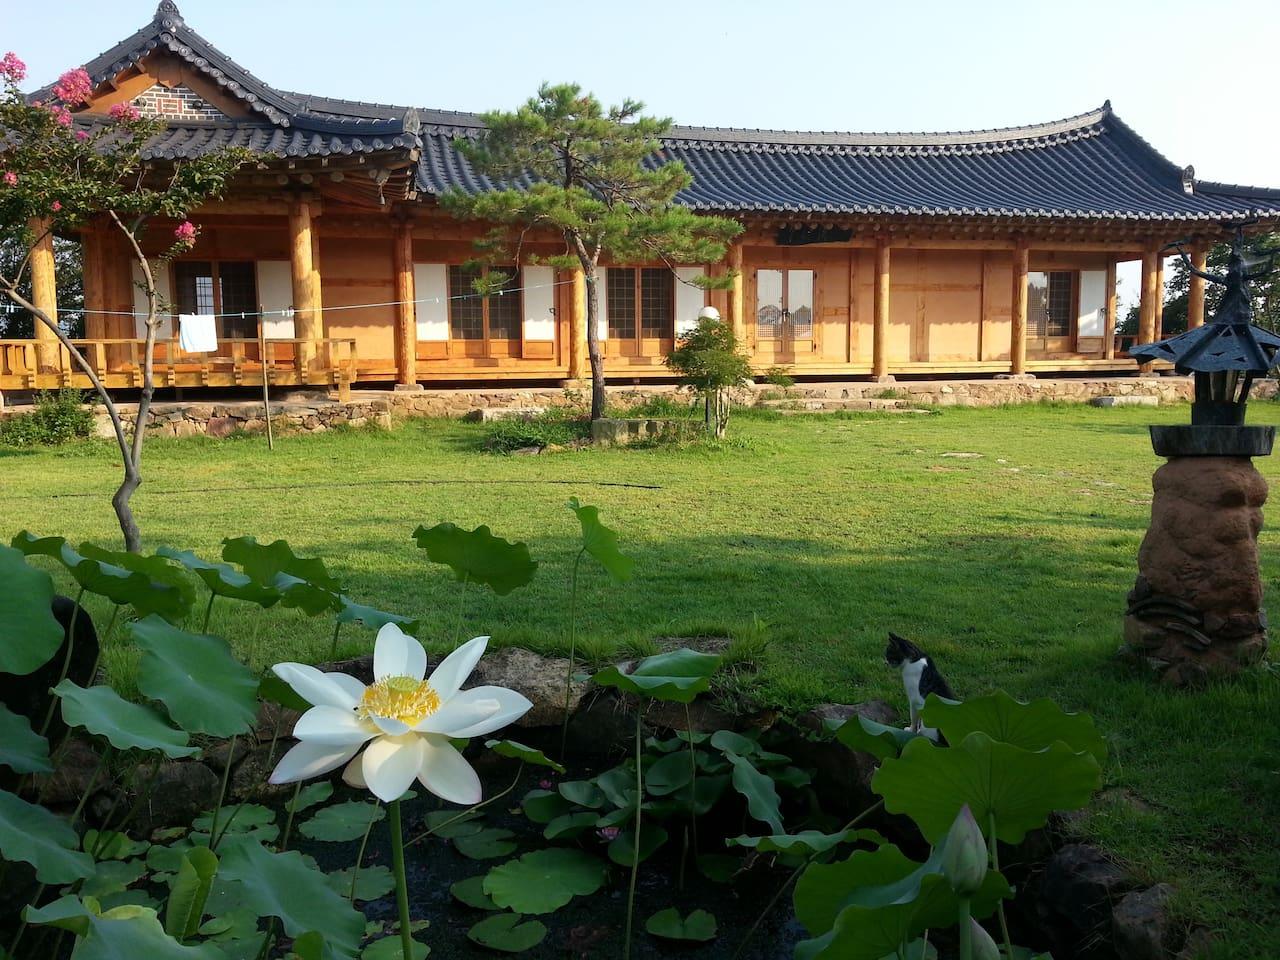 전통한옥과 한국식 정원이 어우러진 모습